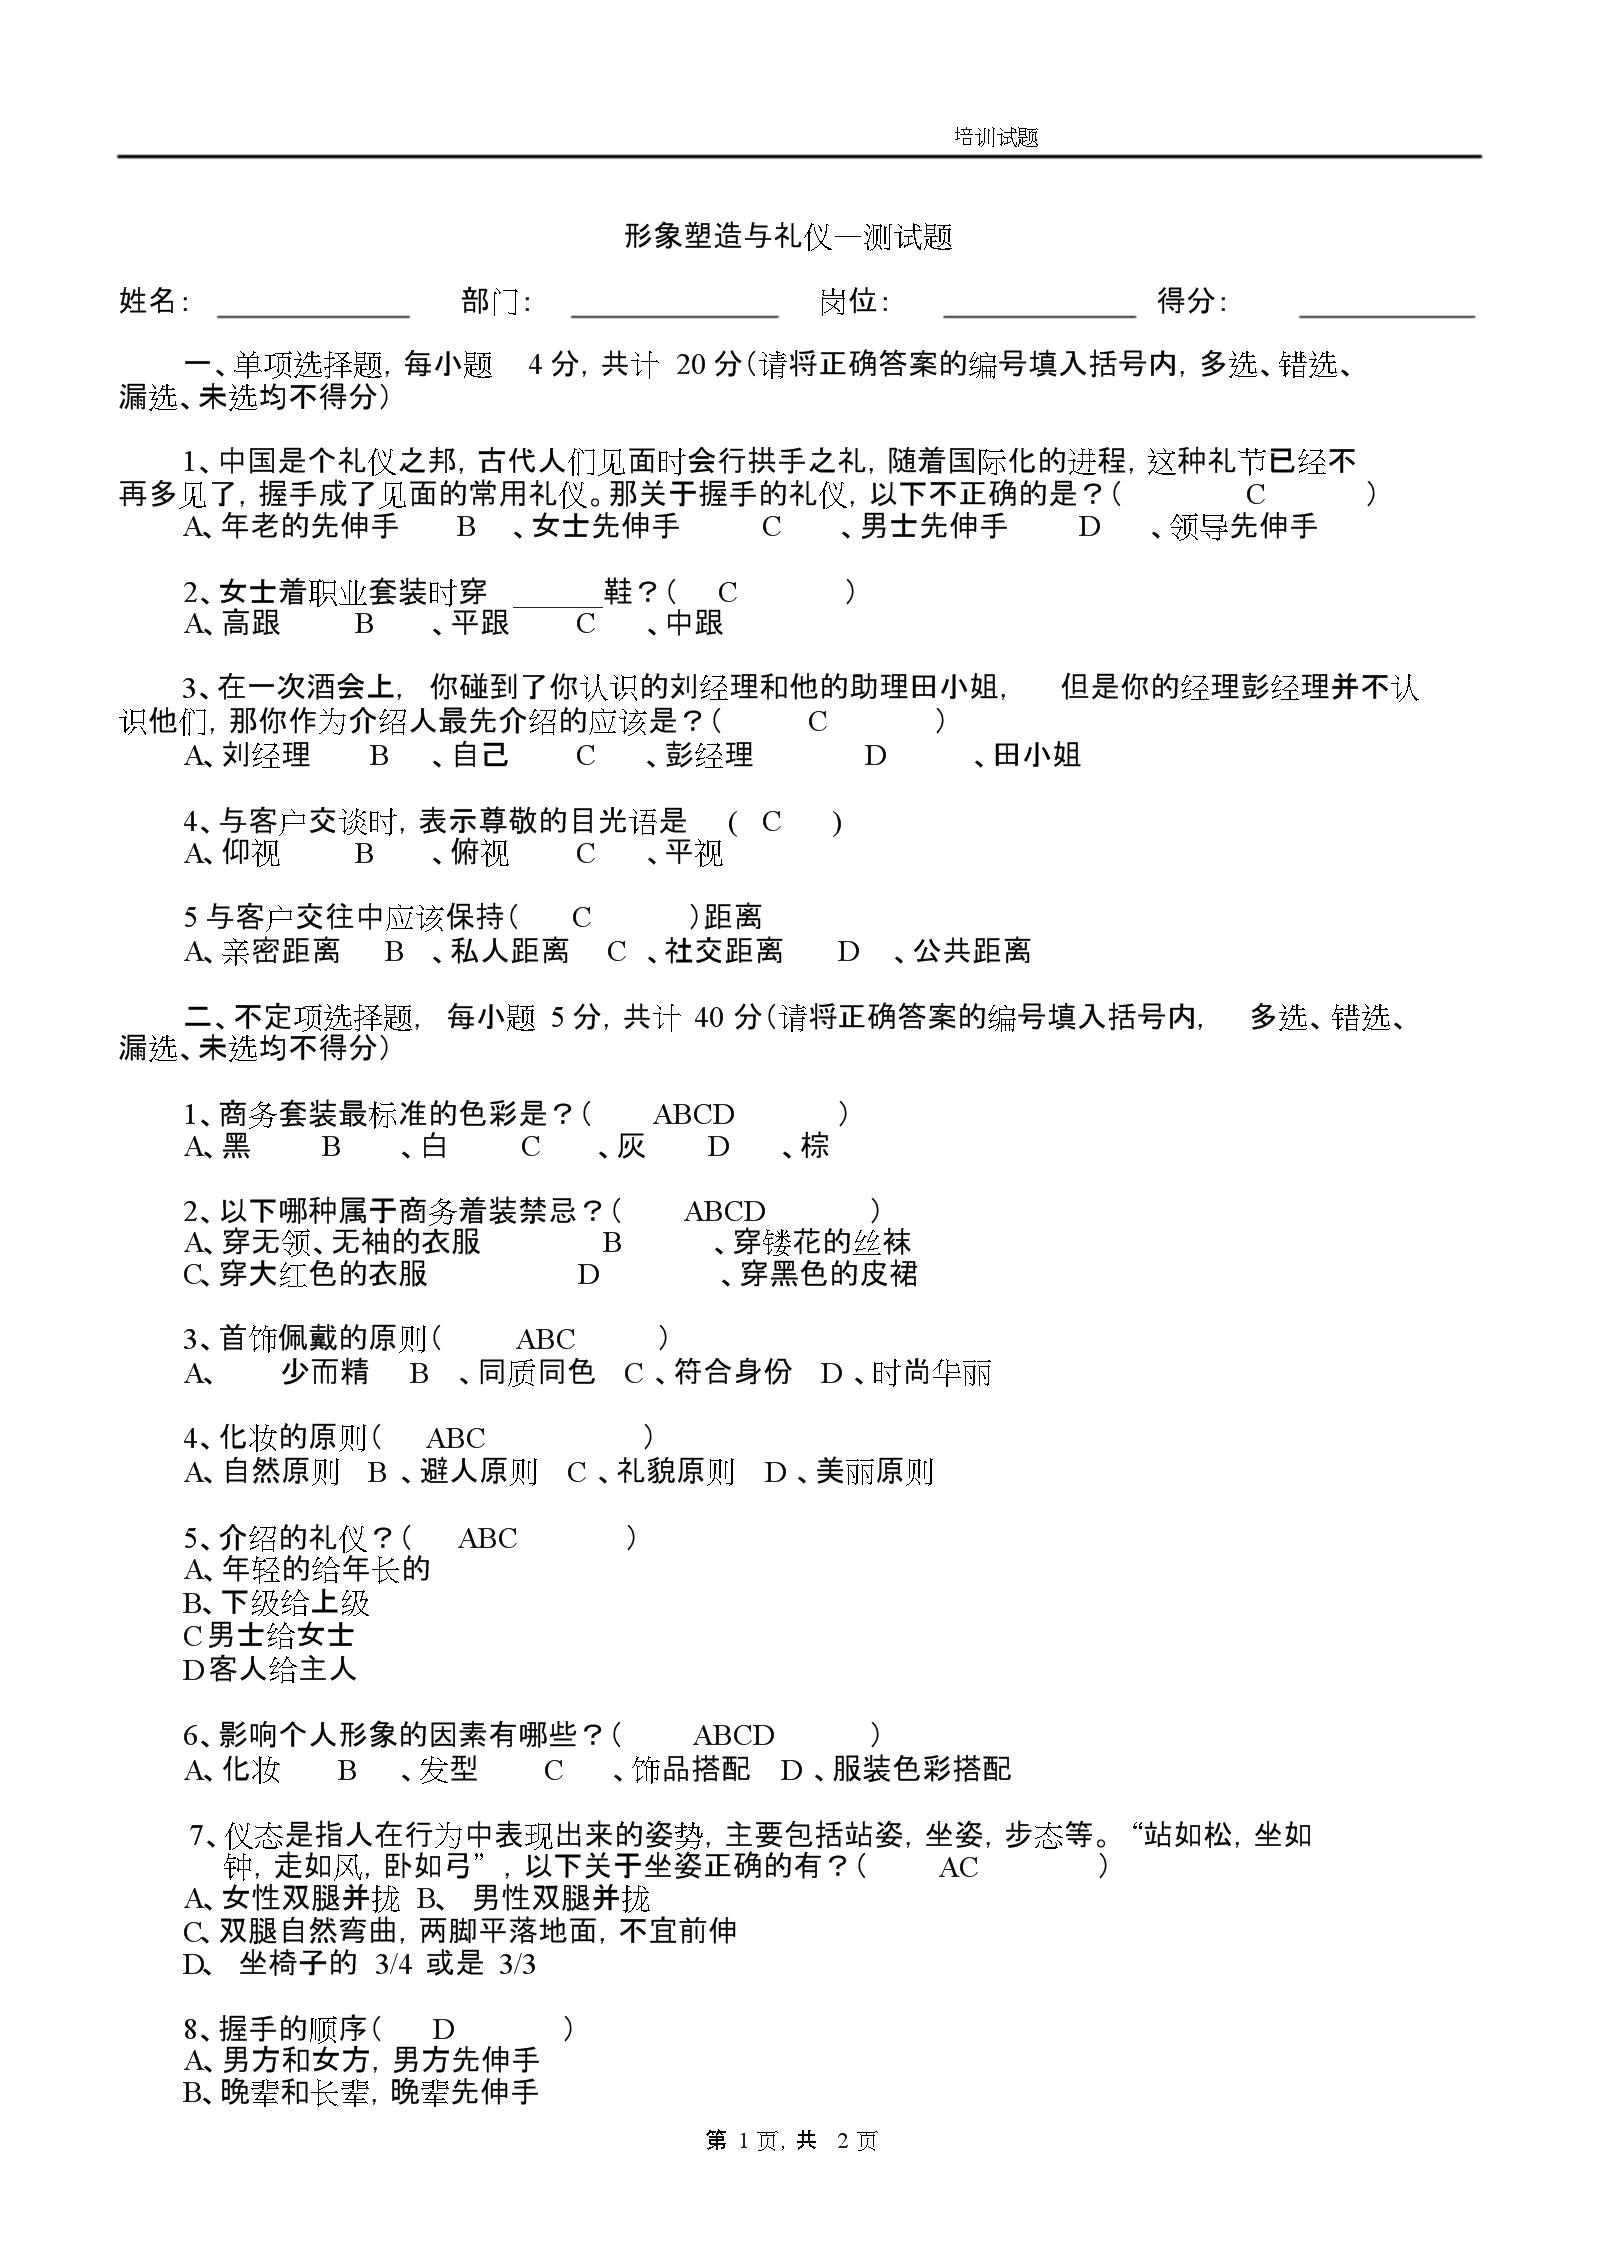 形象塑造与礼仪-测试试题(带答案真题).docx